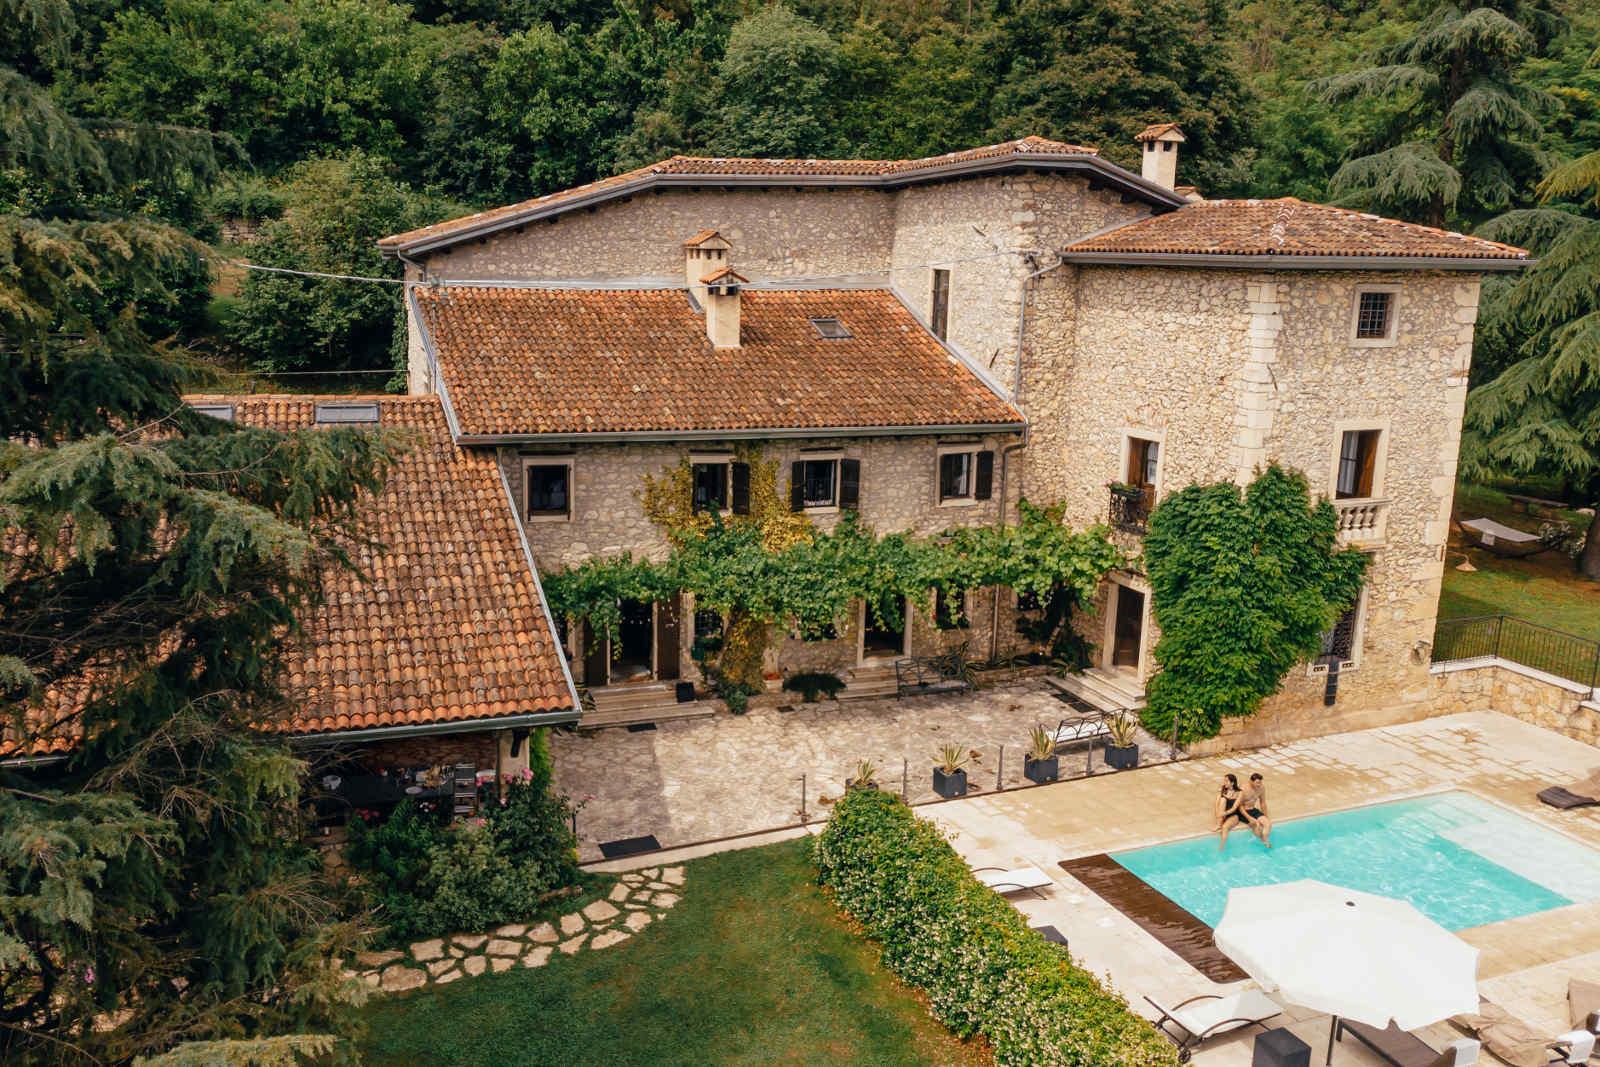 Rustico Ferienhaus mit Ferienwohnungen Italien